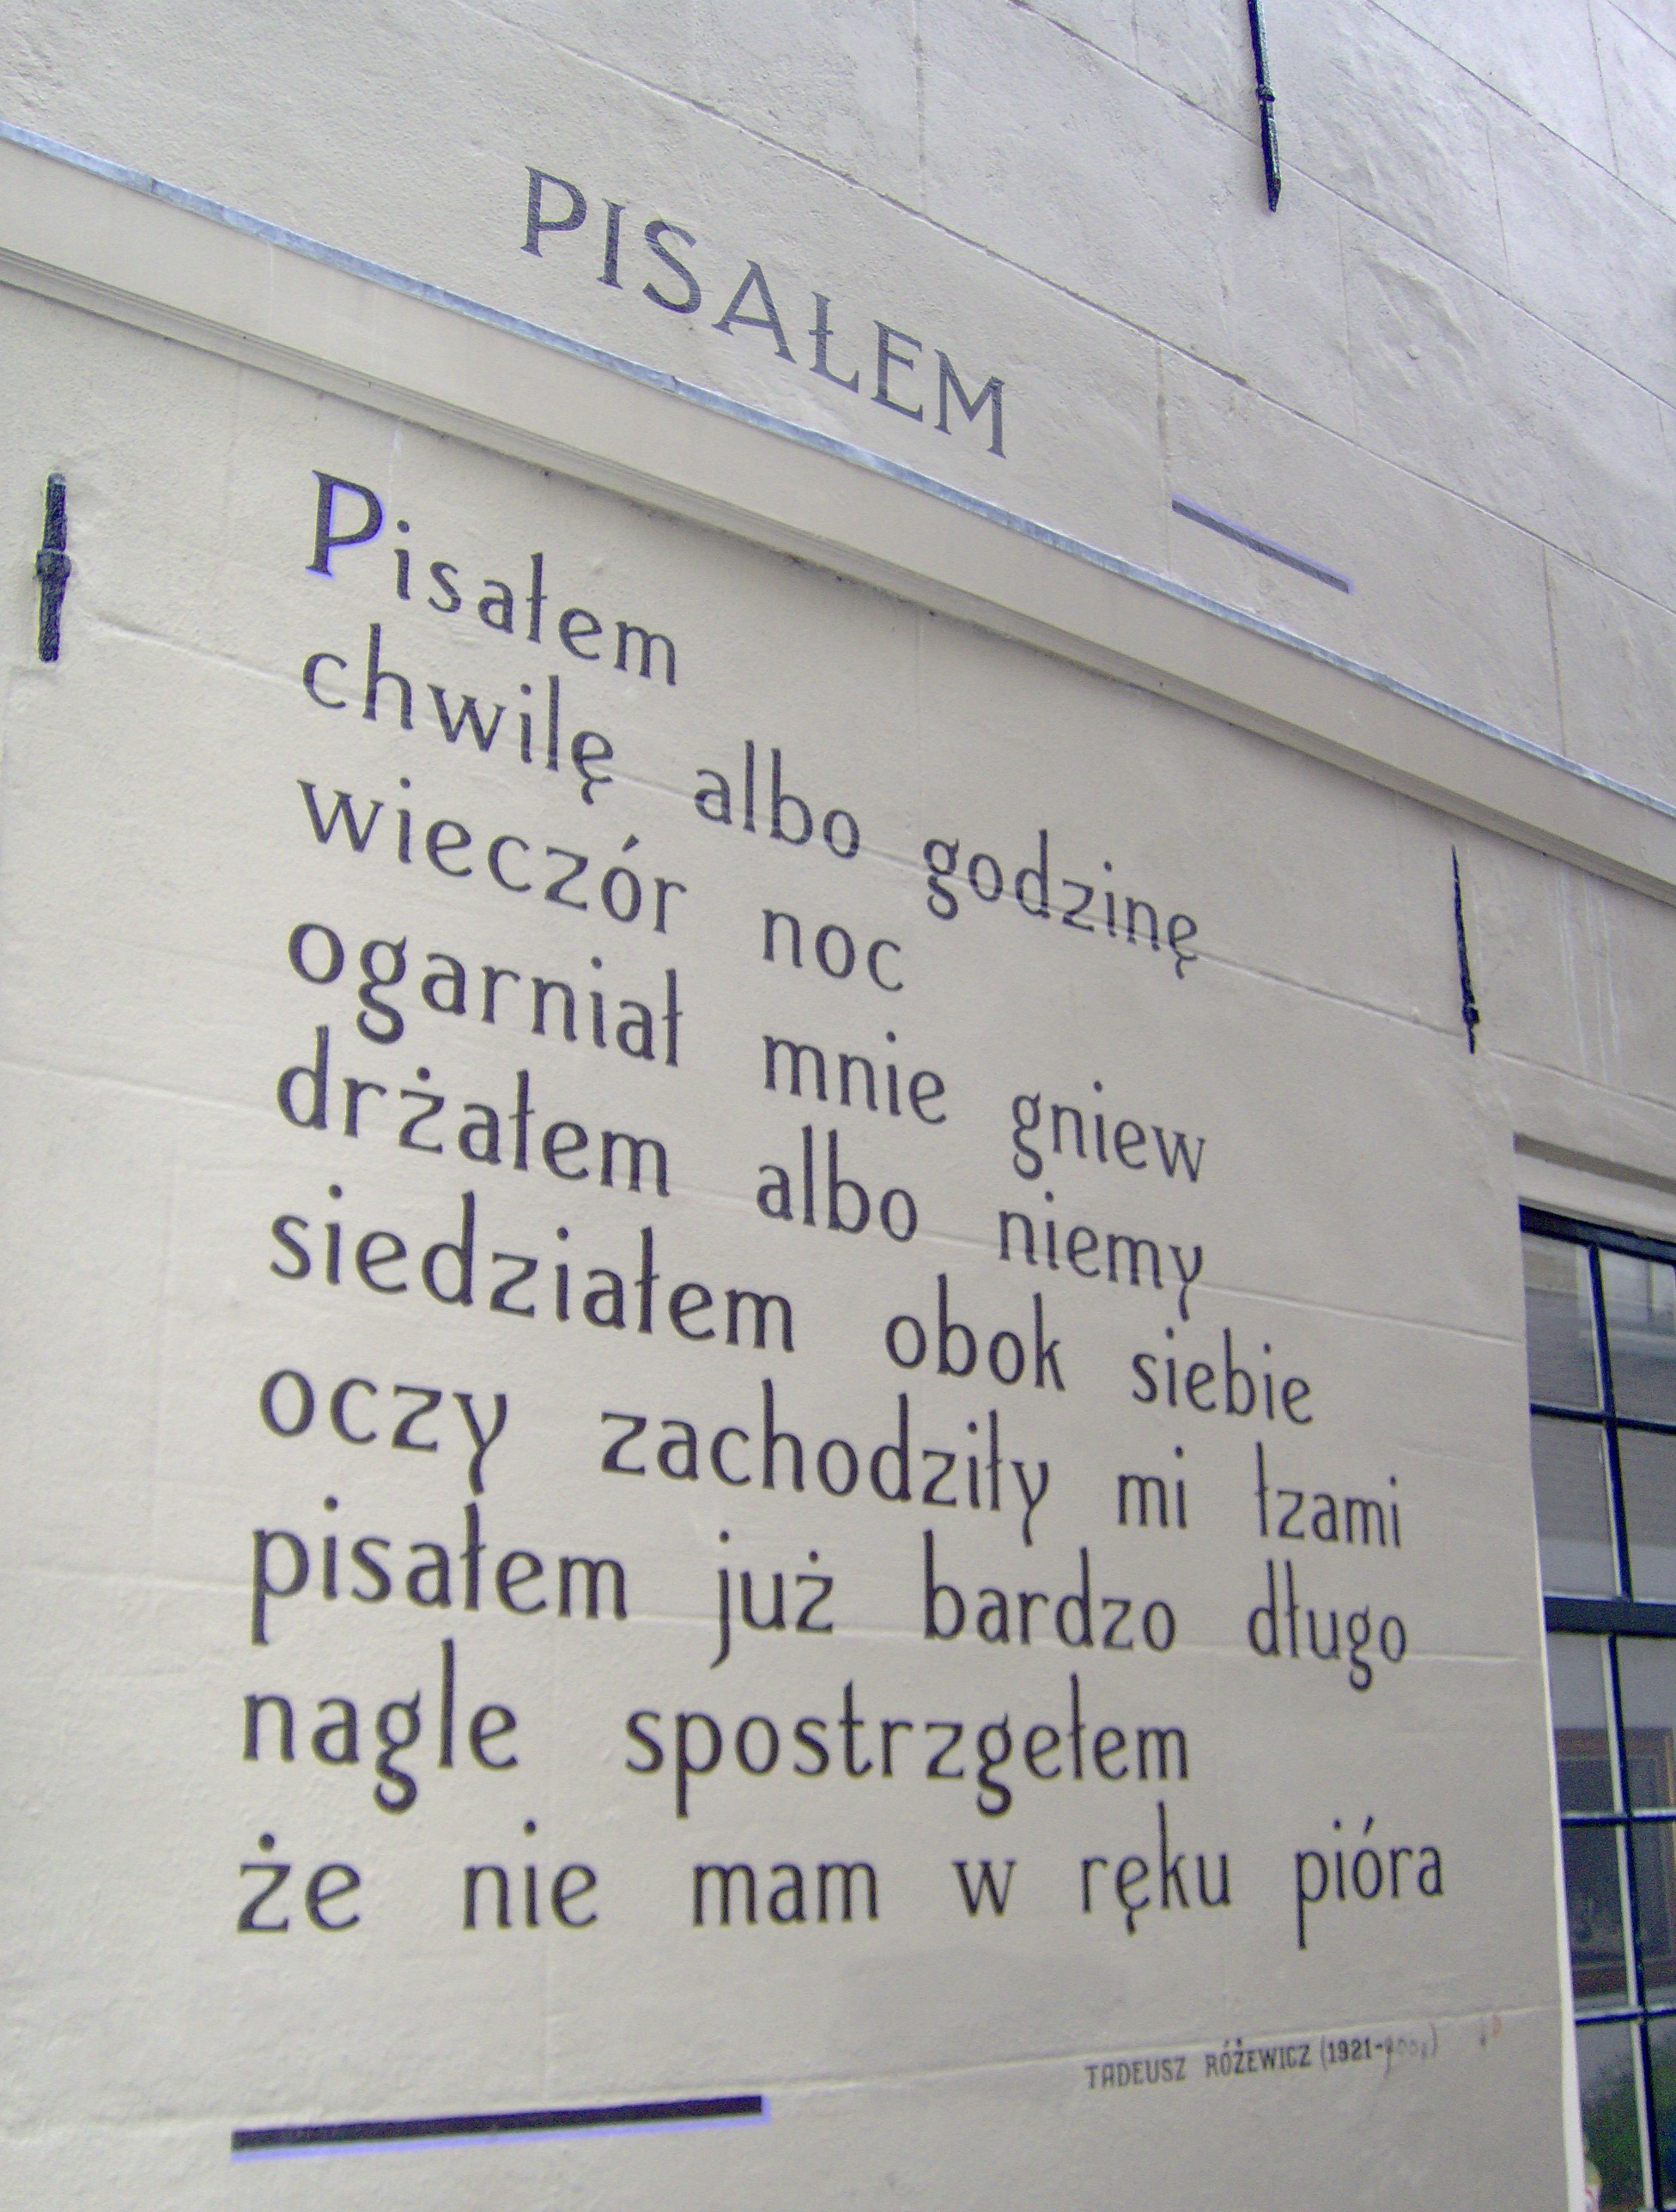 Pliktadeusz Różewicz Pisalem Oude Vest 79 Leidenjpg